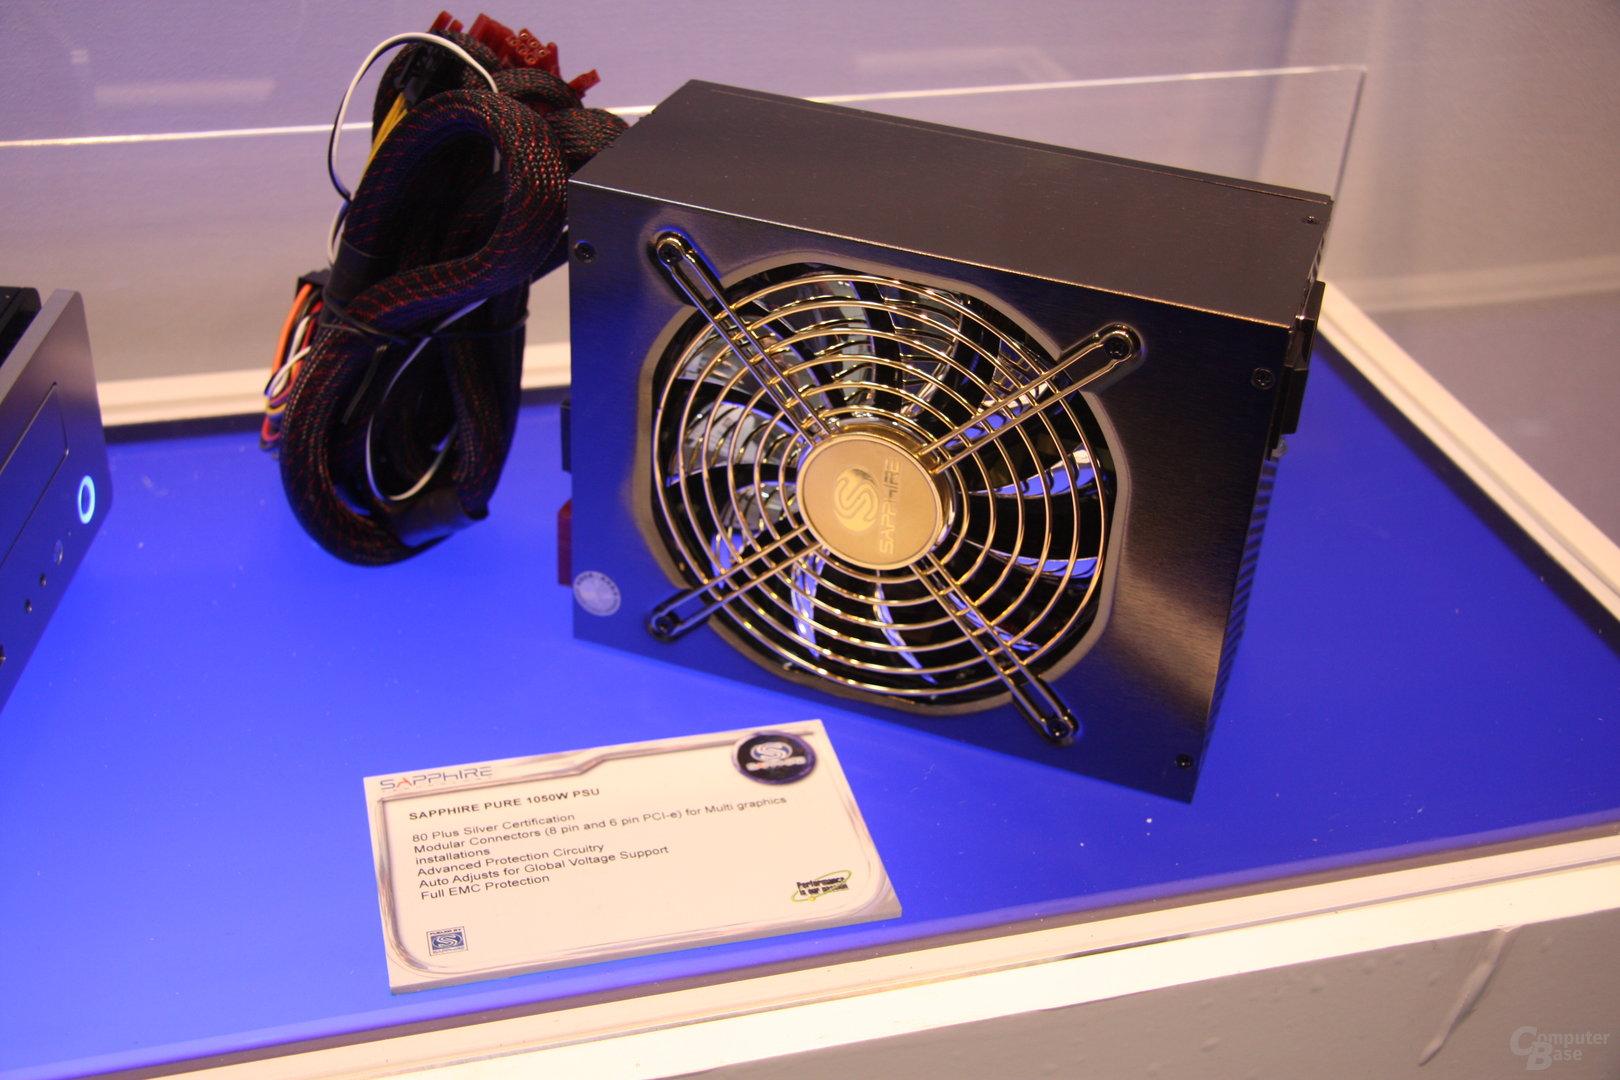 Sapphire auf der CeBIT 2010